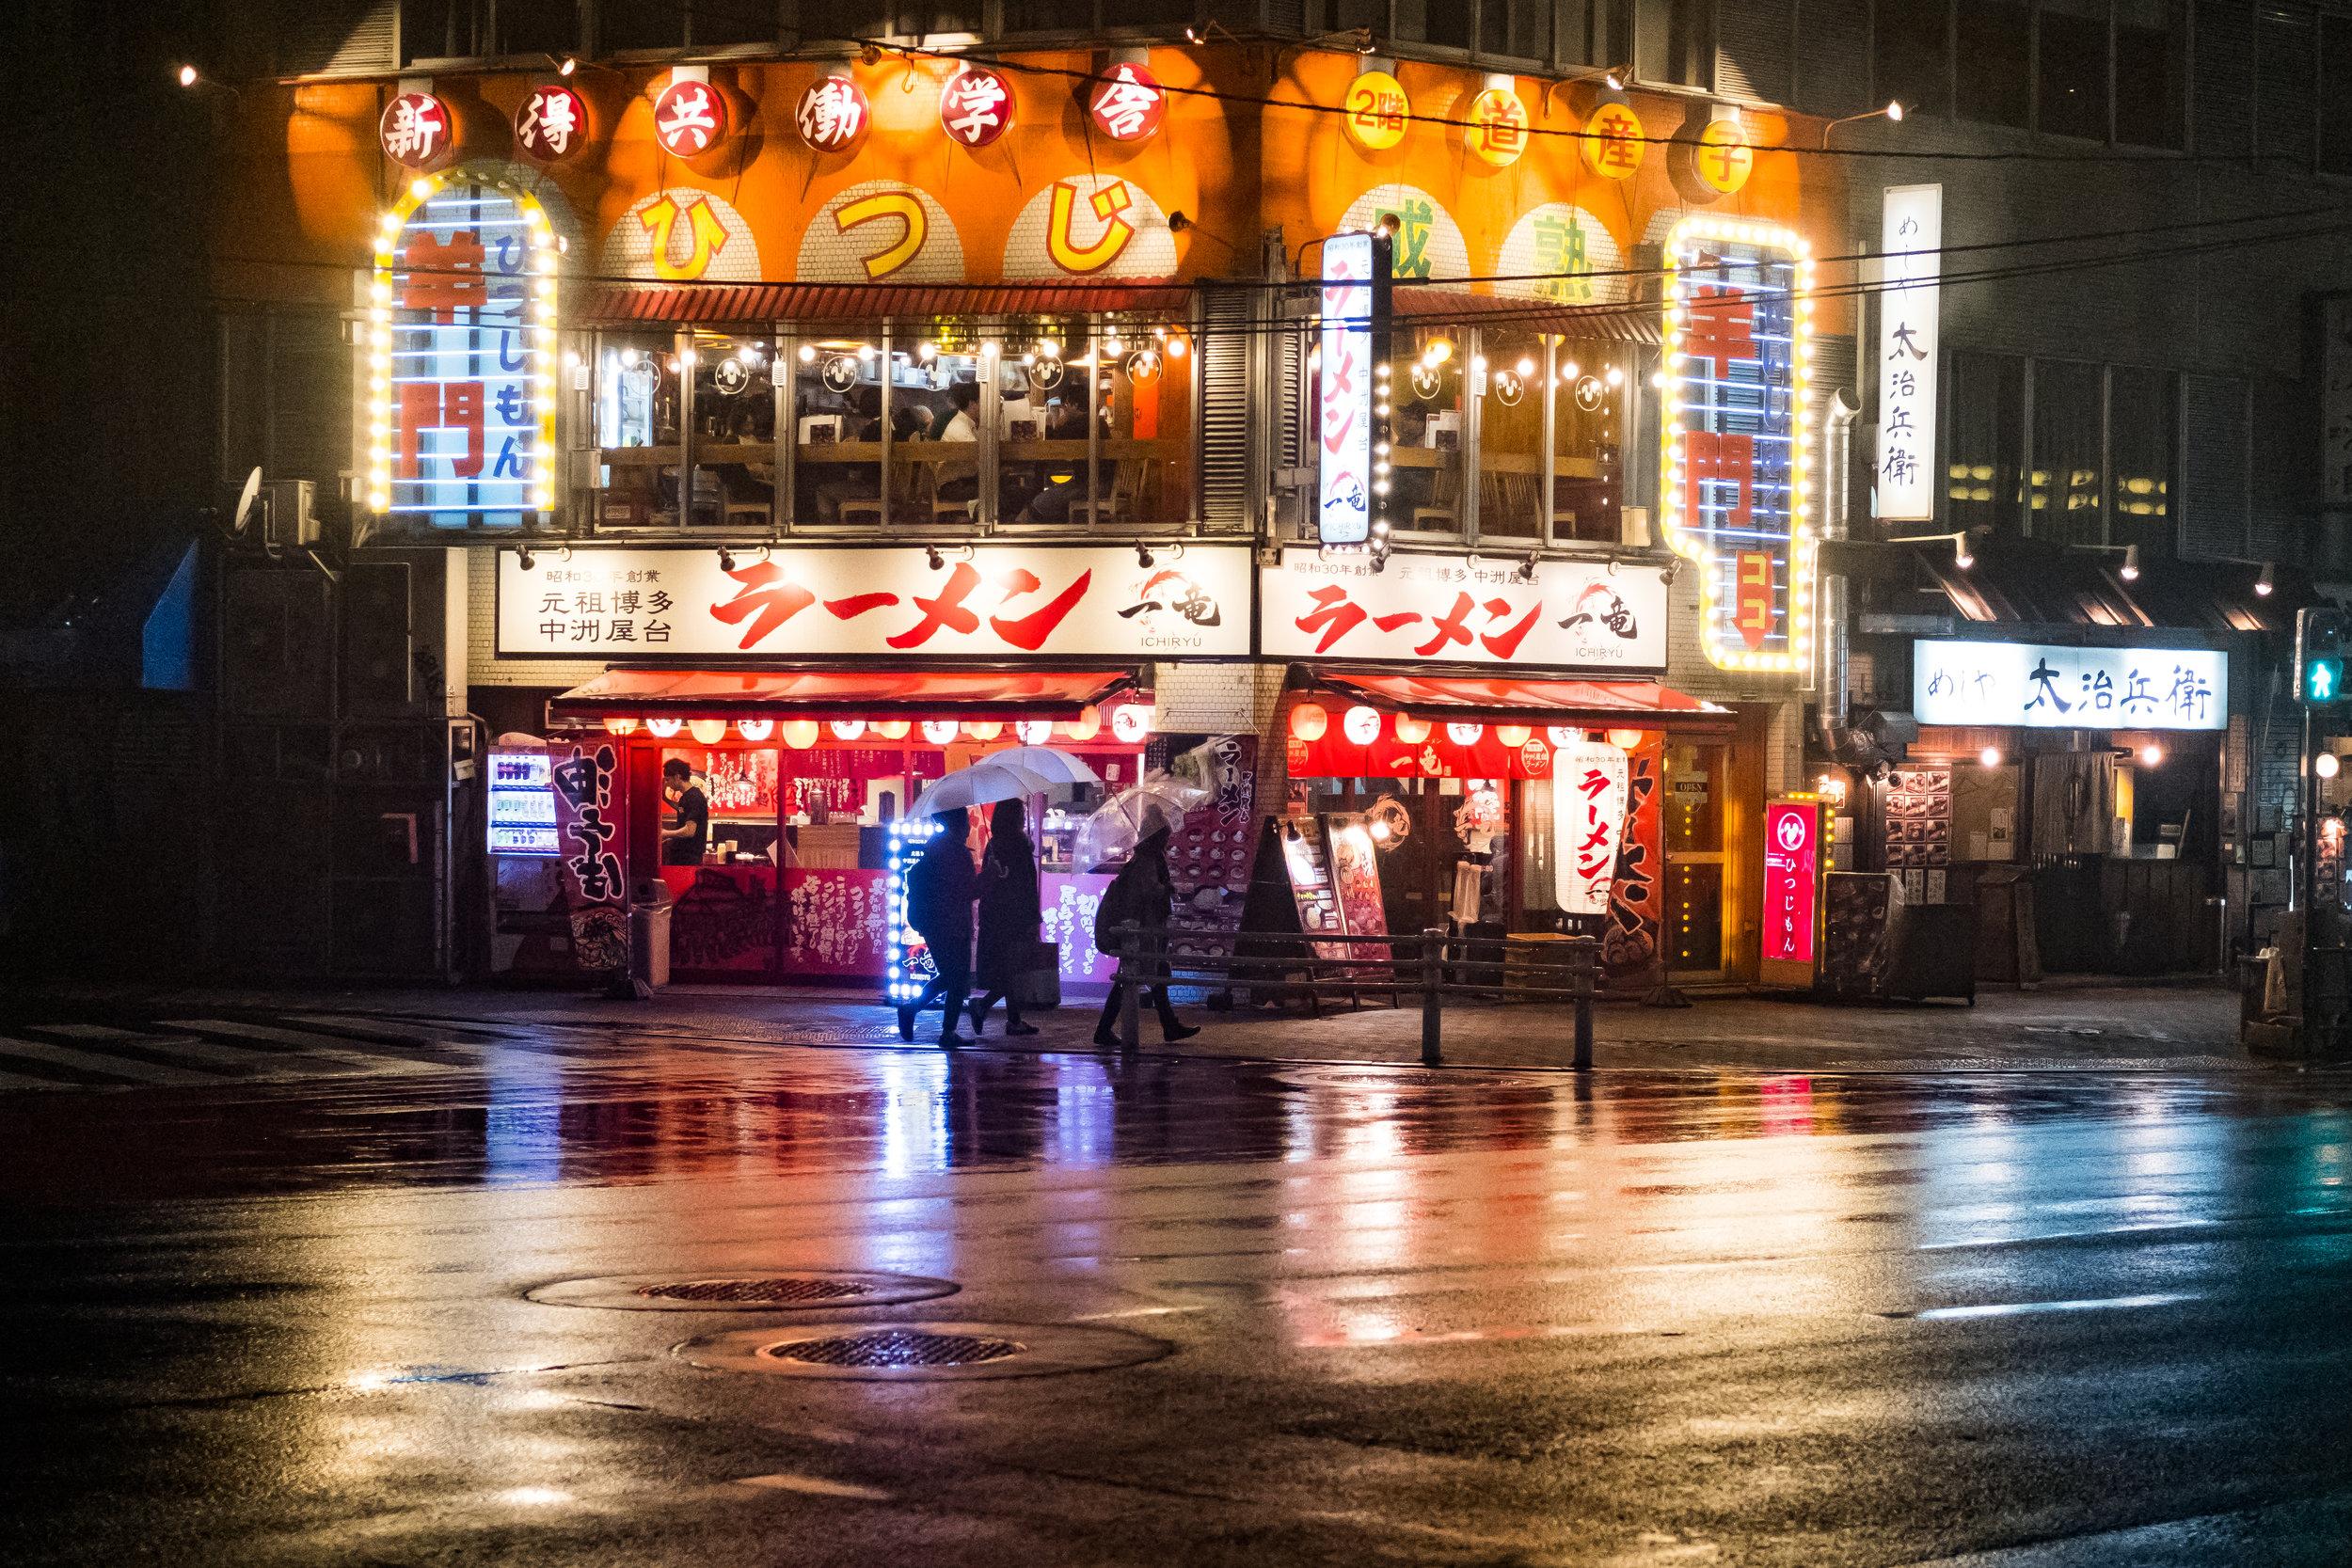 Tokyo in the rain. Ramen place near Shibuya